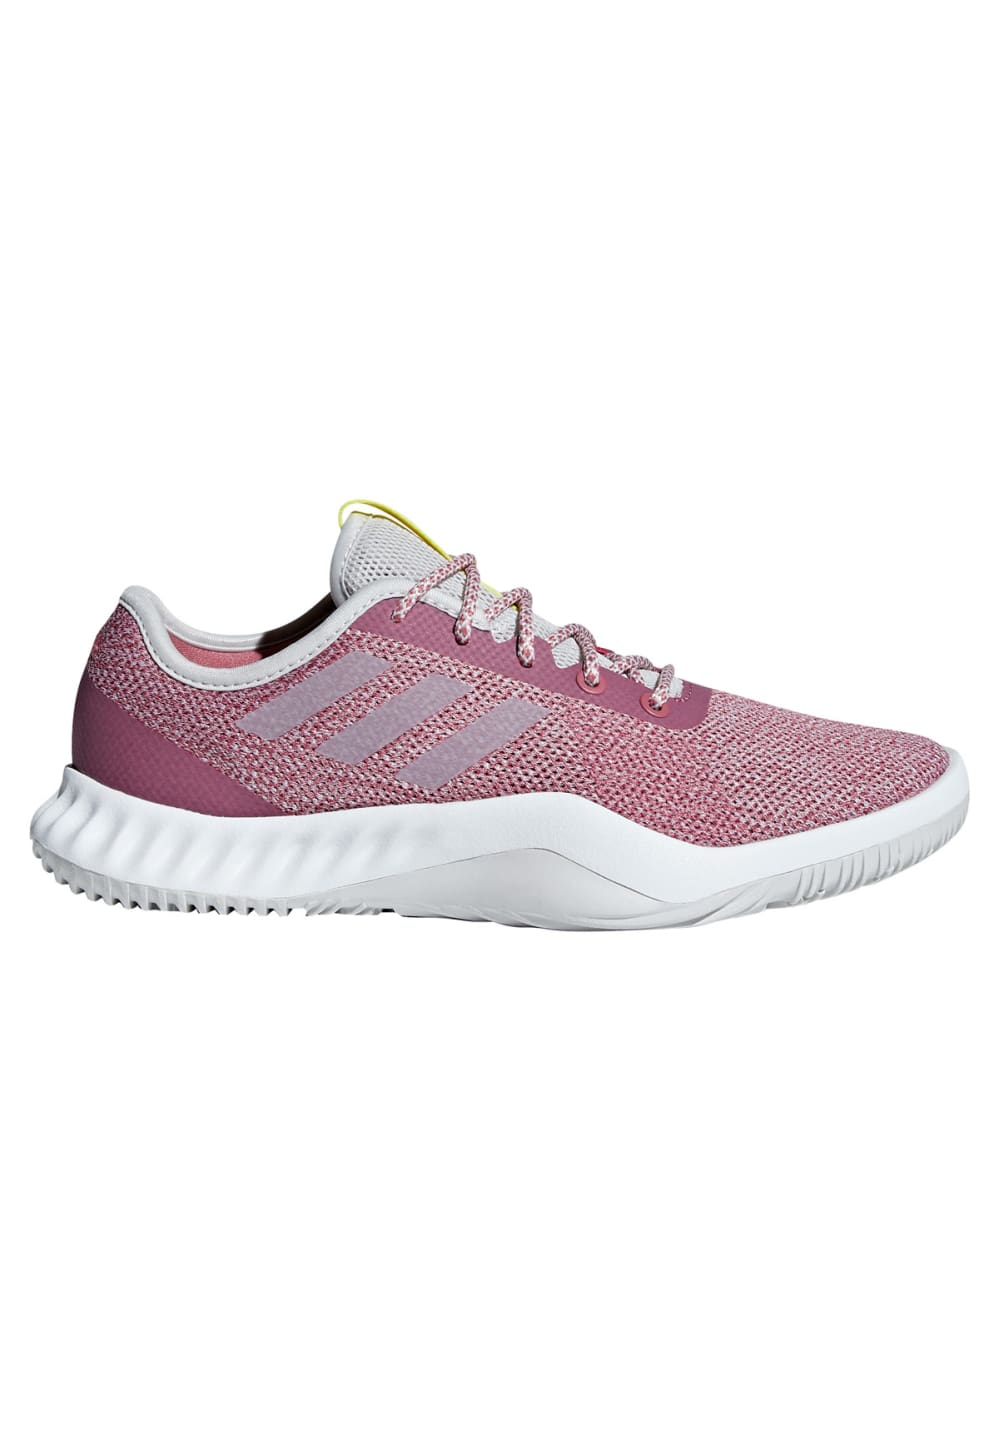 adidas Crazytrain LT - Fitnessschuhe für Damen - Pink | 21RUN